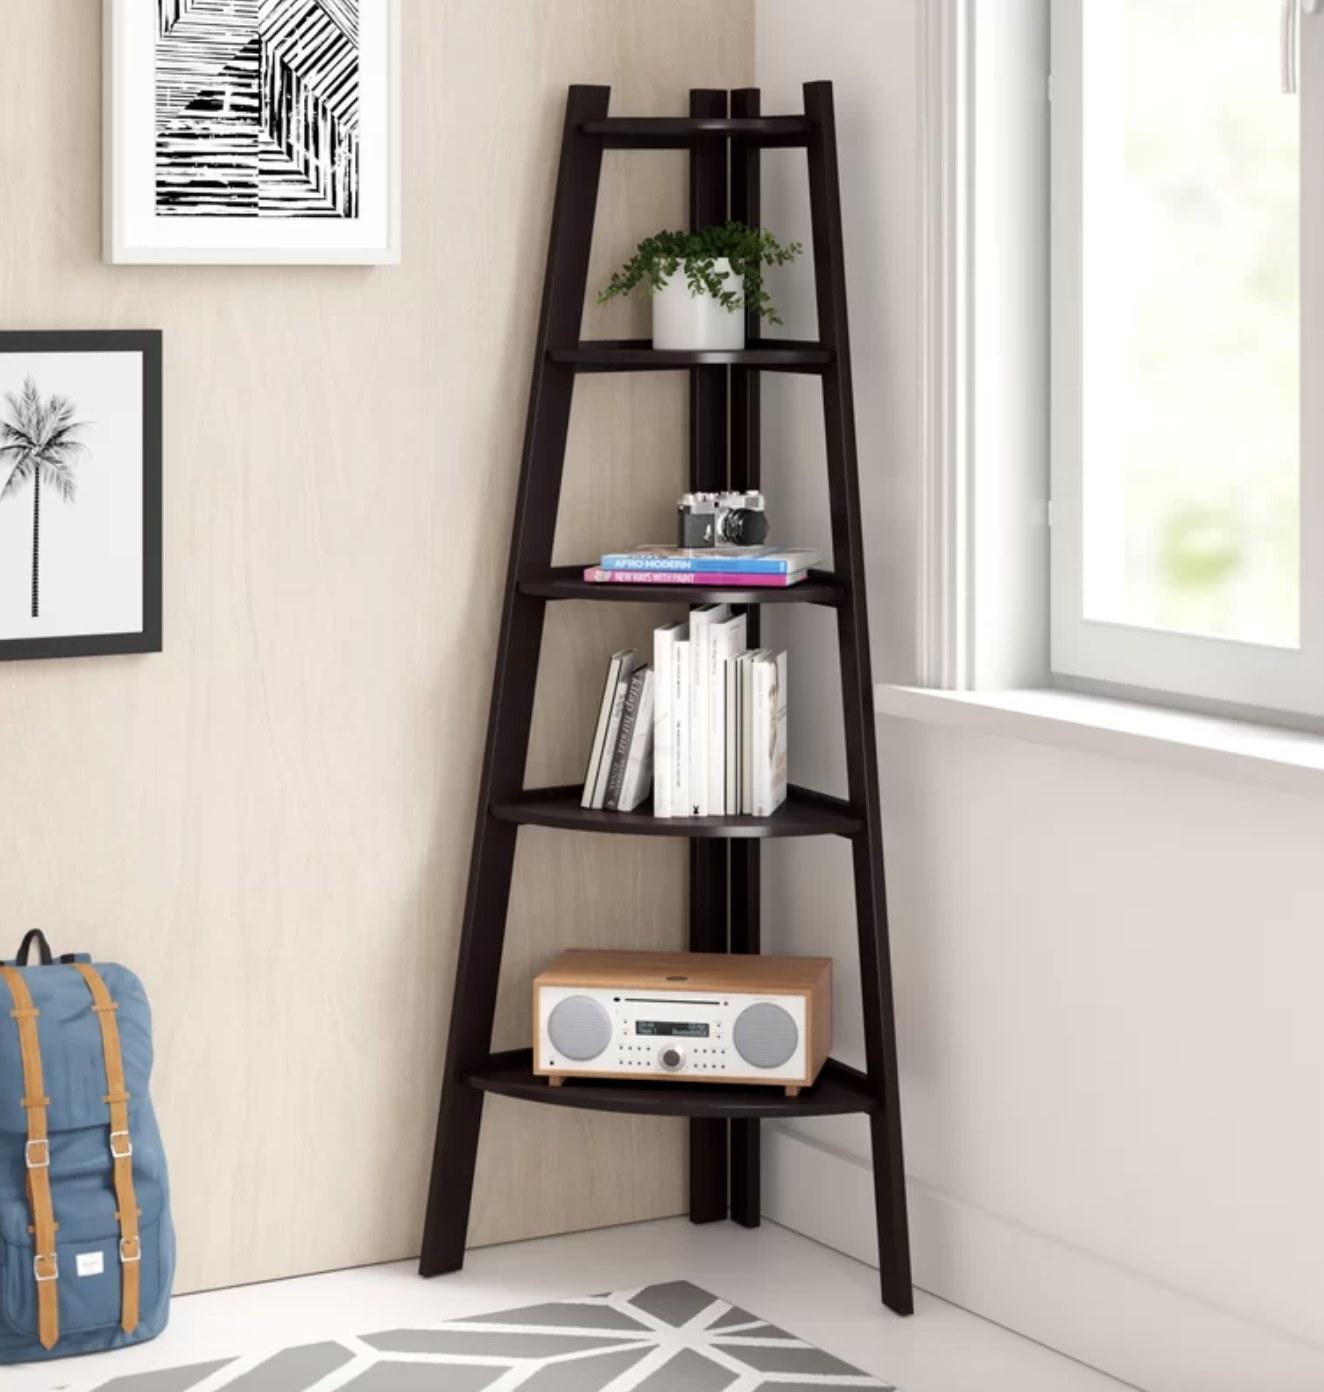 the bookcase in espresso/brown